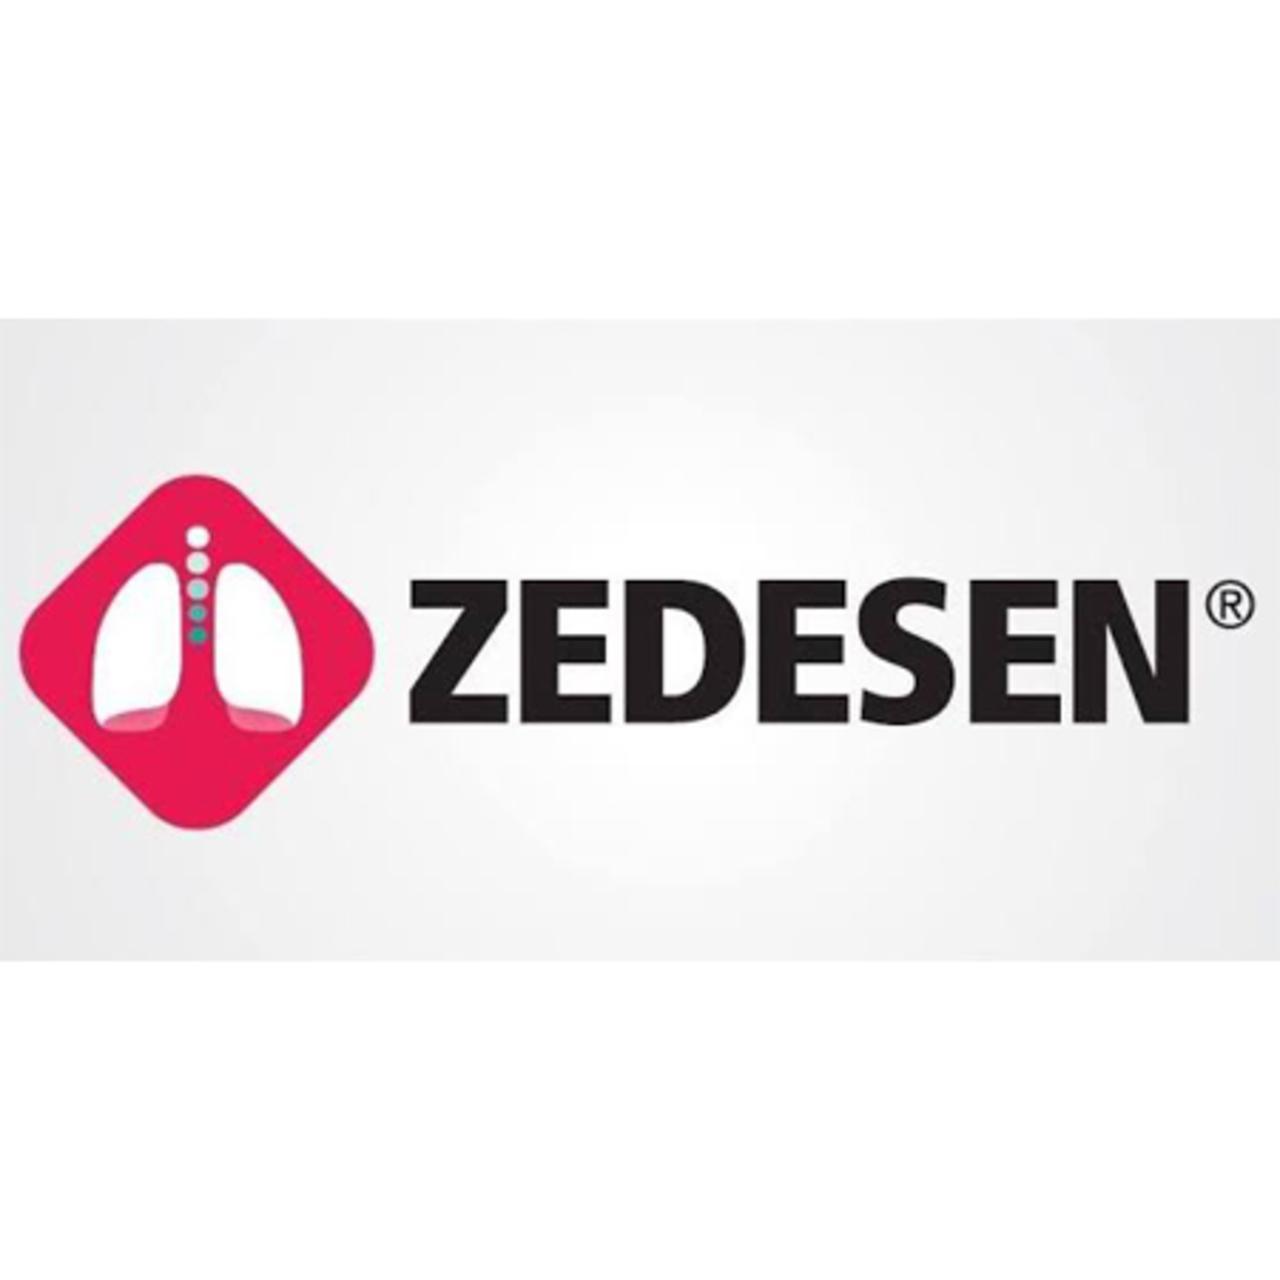 Zedesen